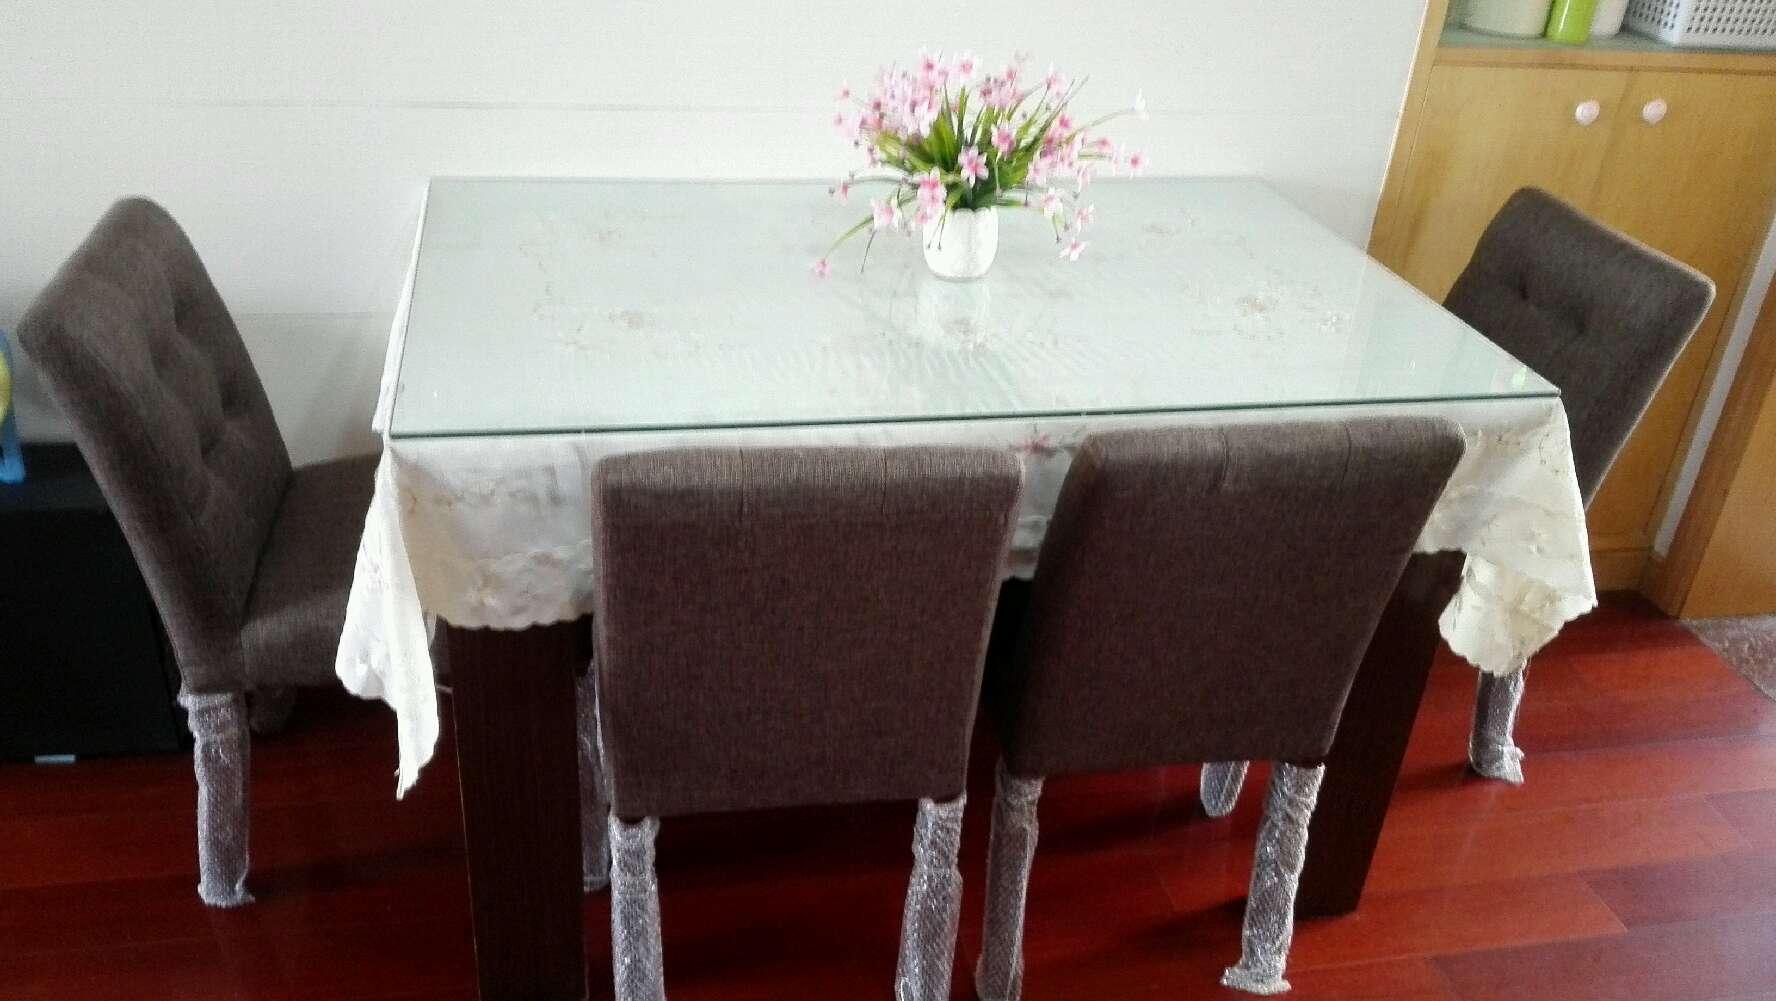 纸盒手工制作桌椅